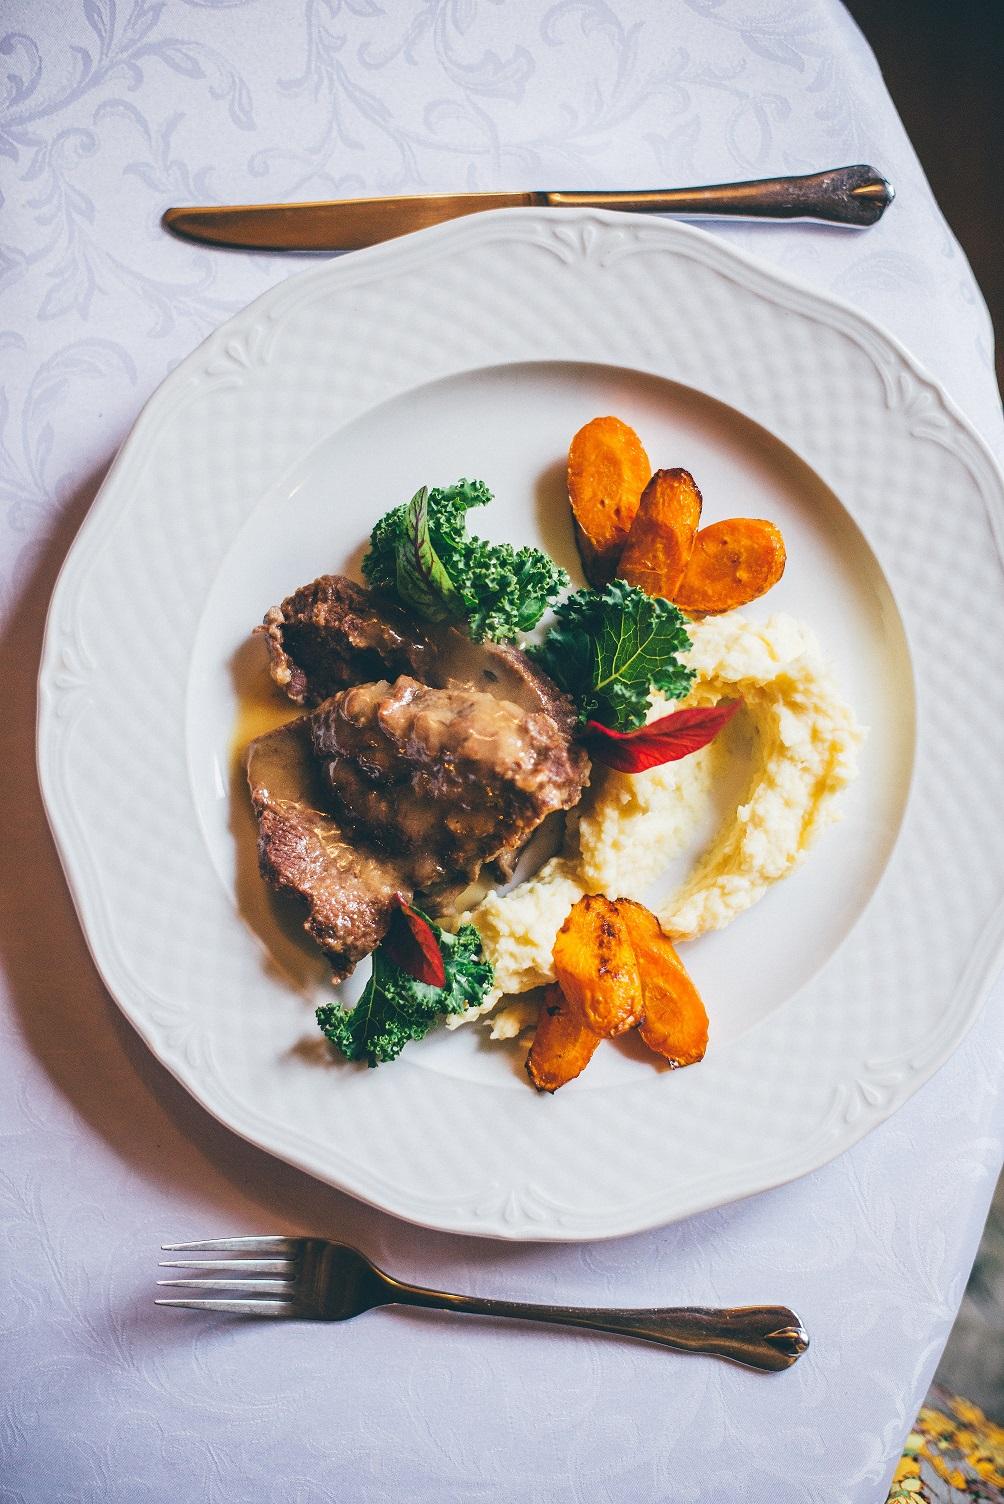 Zamek Krokowa 18 1 - Cuisine of the castle in Krokowa